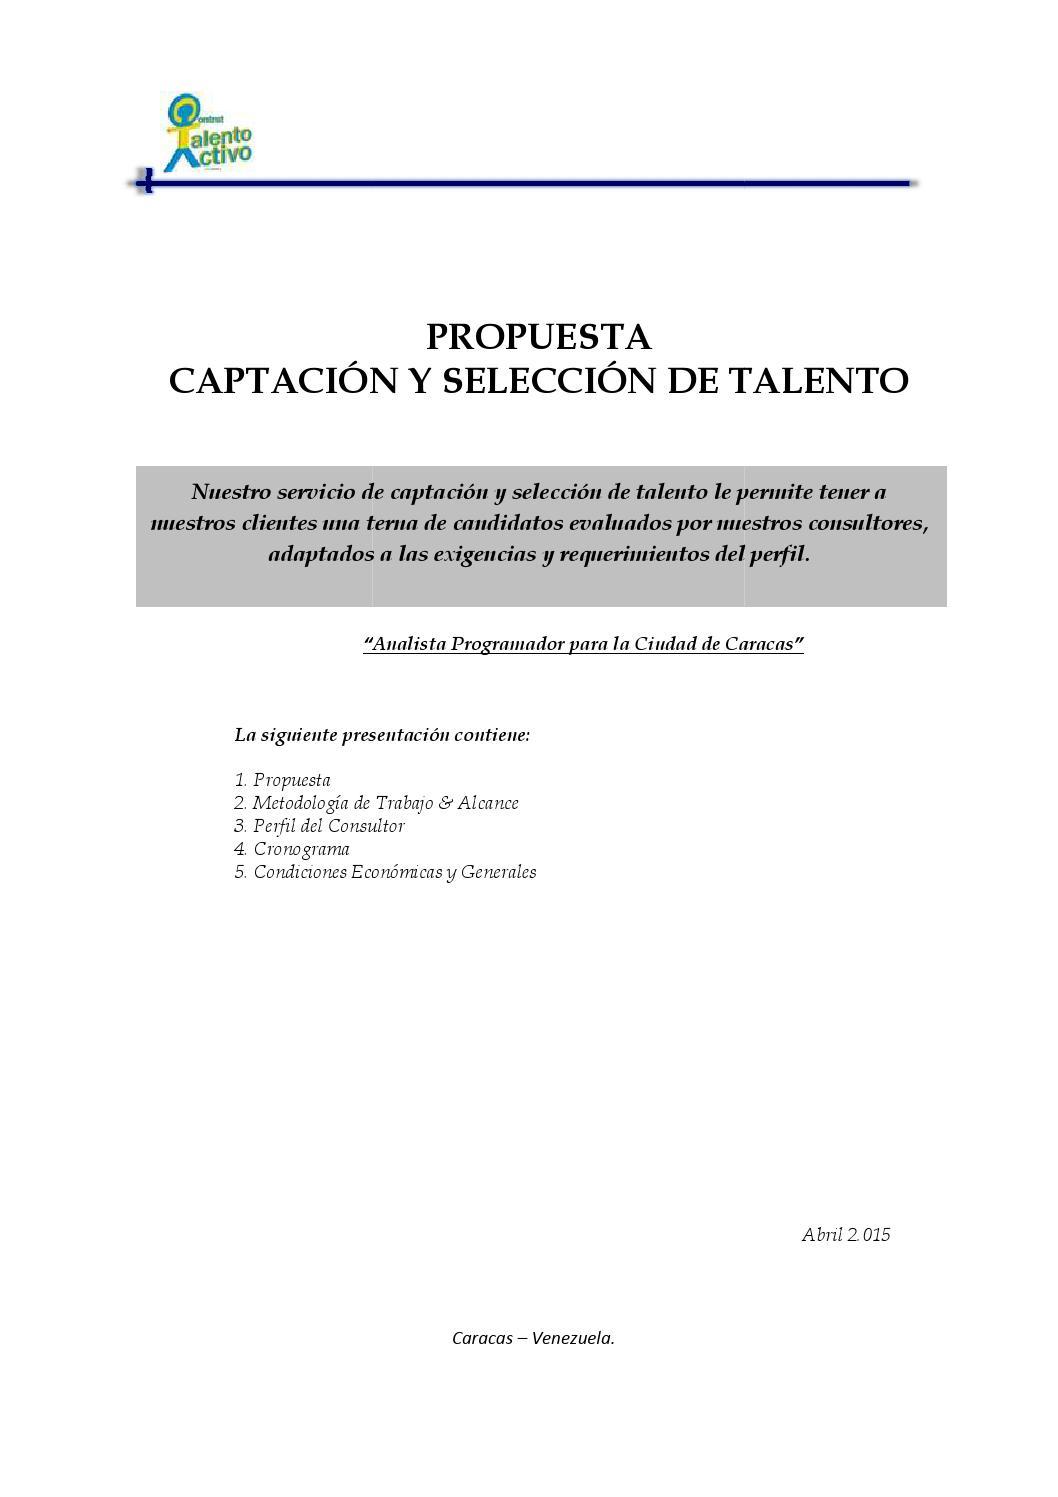 Propuesta de captacion analista programador by Delimaconsultores ...